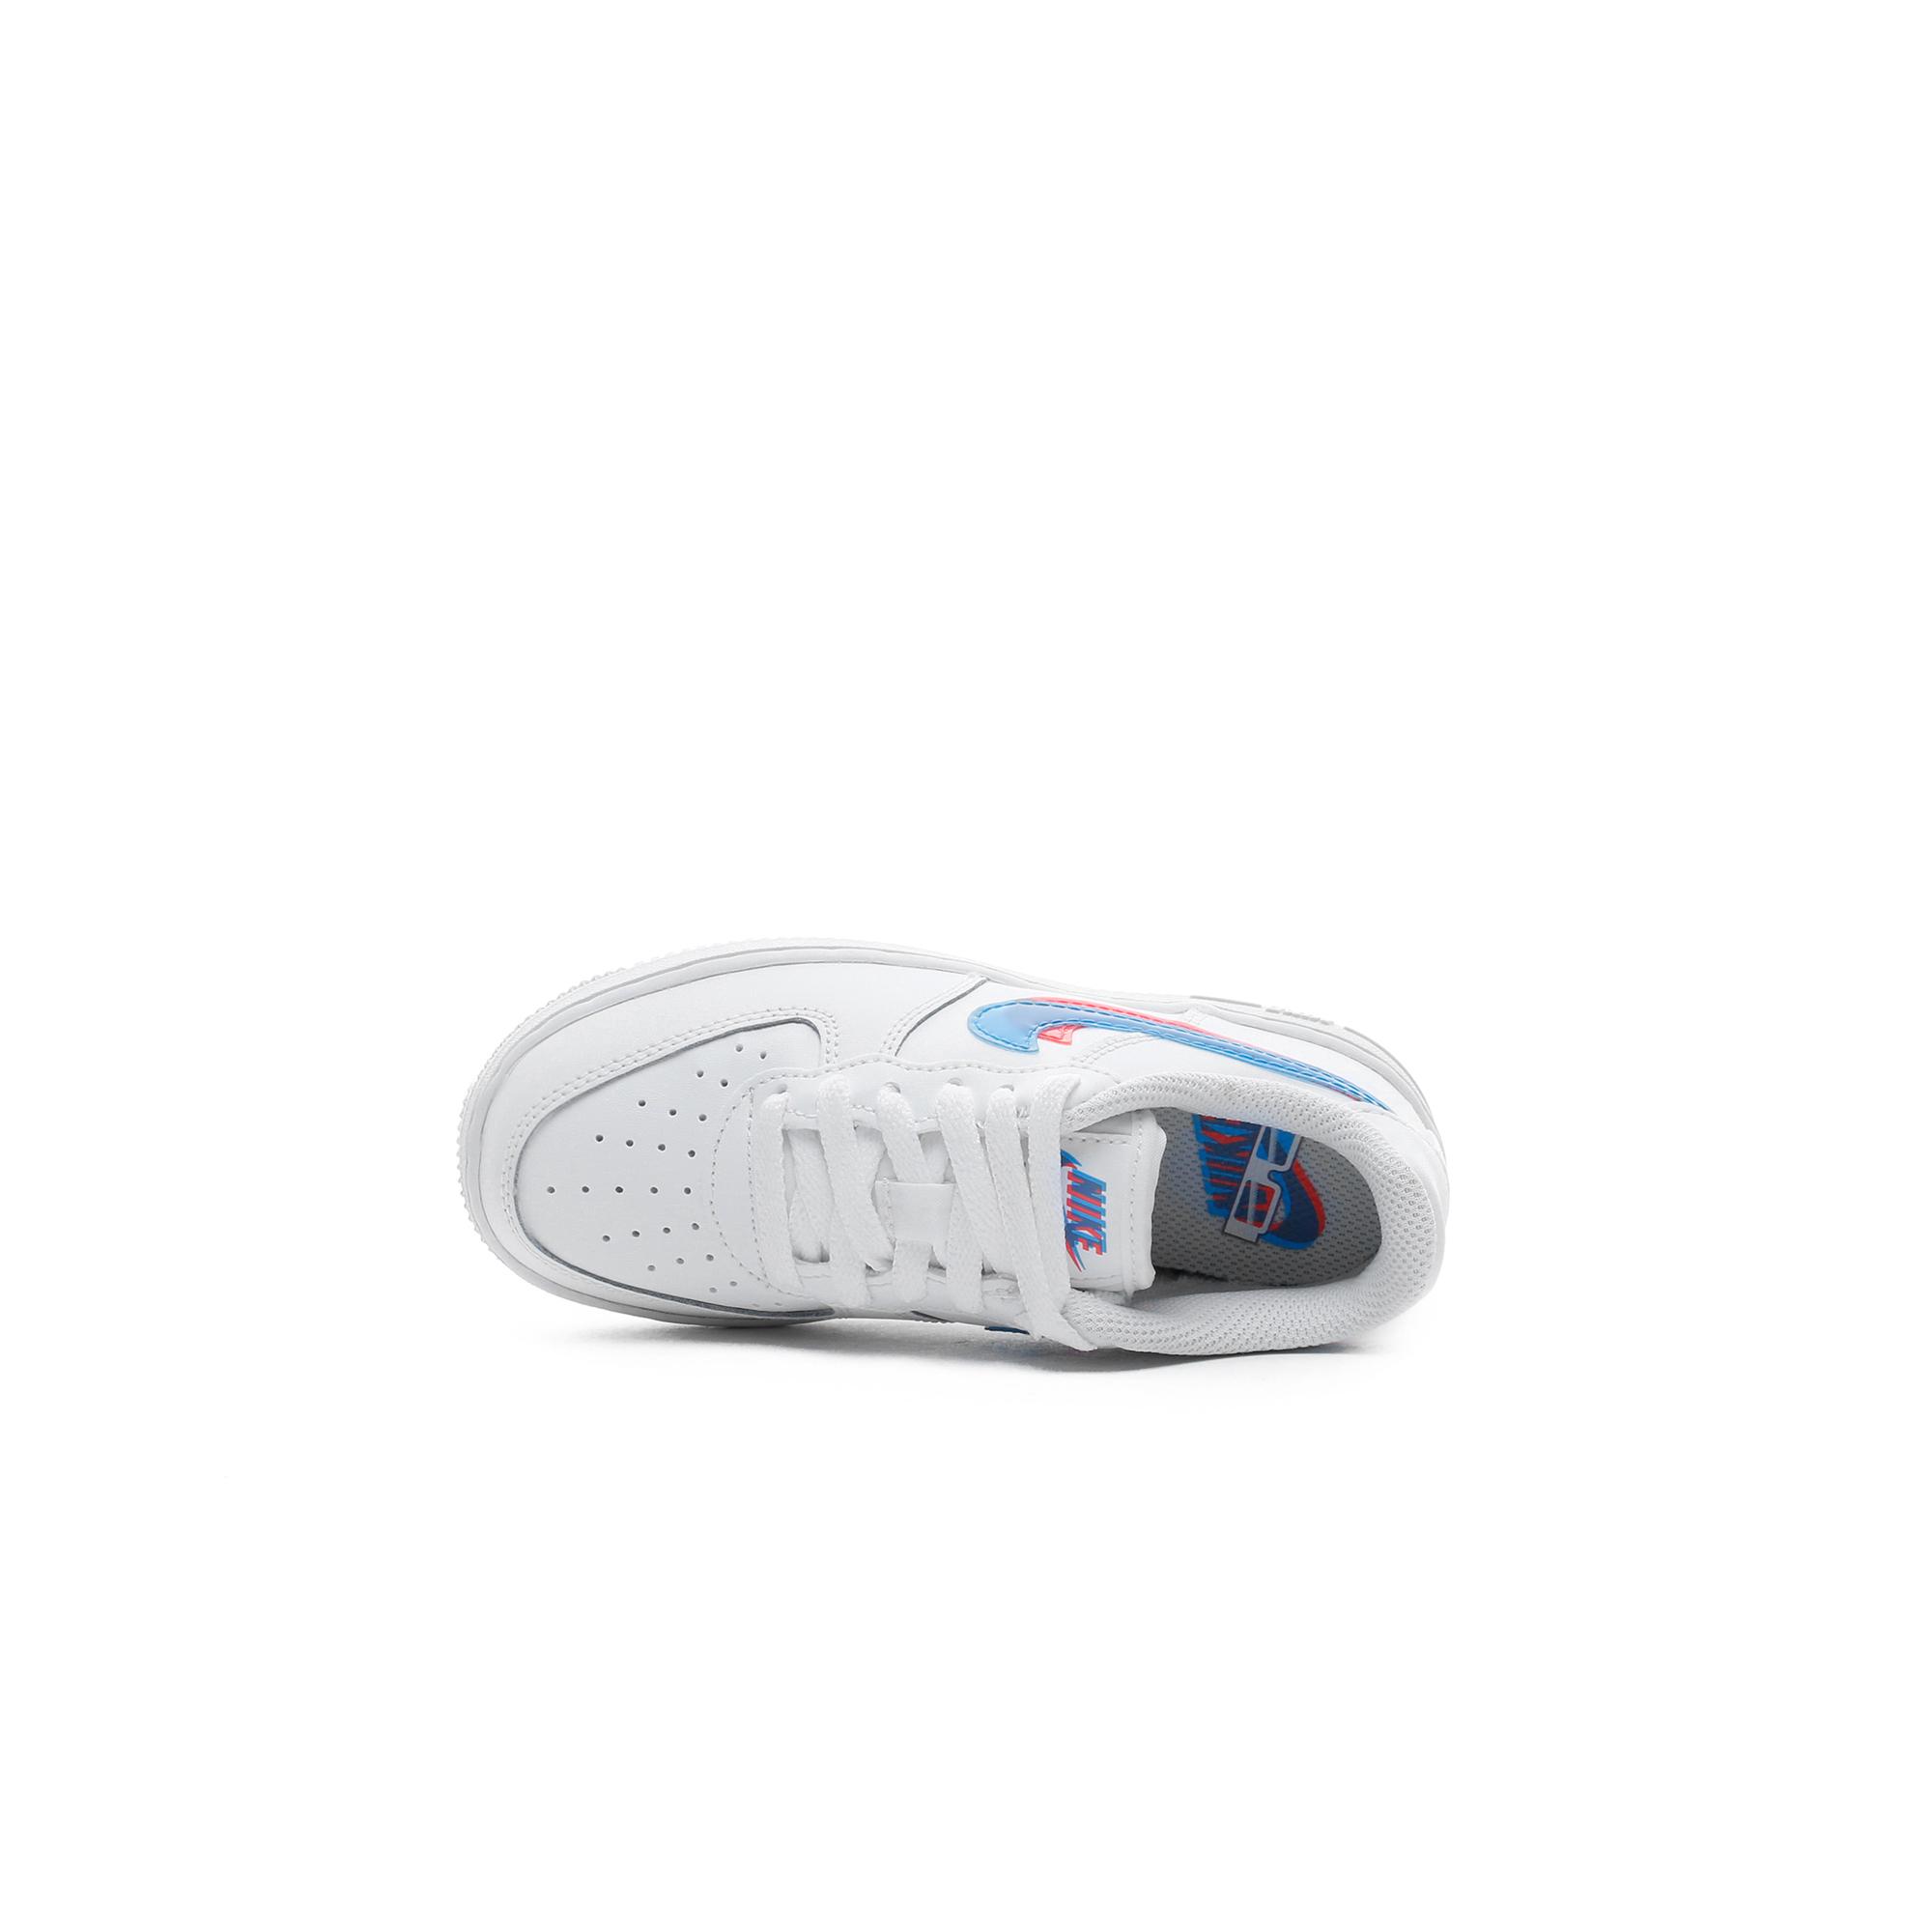 Nike Force 1 Lv8 Ksa Beyaz Çocuk Spor Ayakkabı